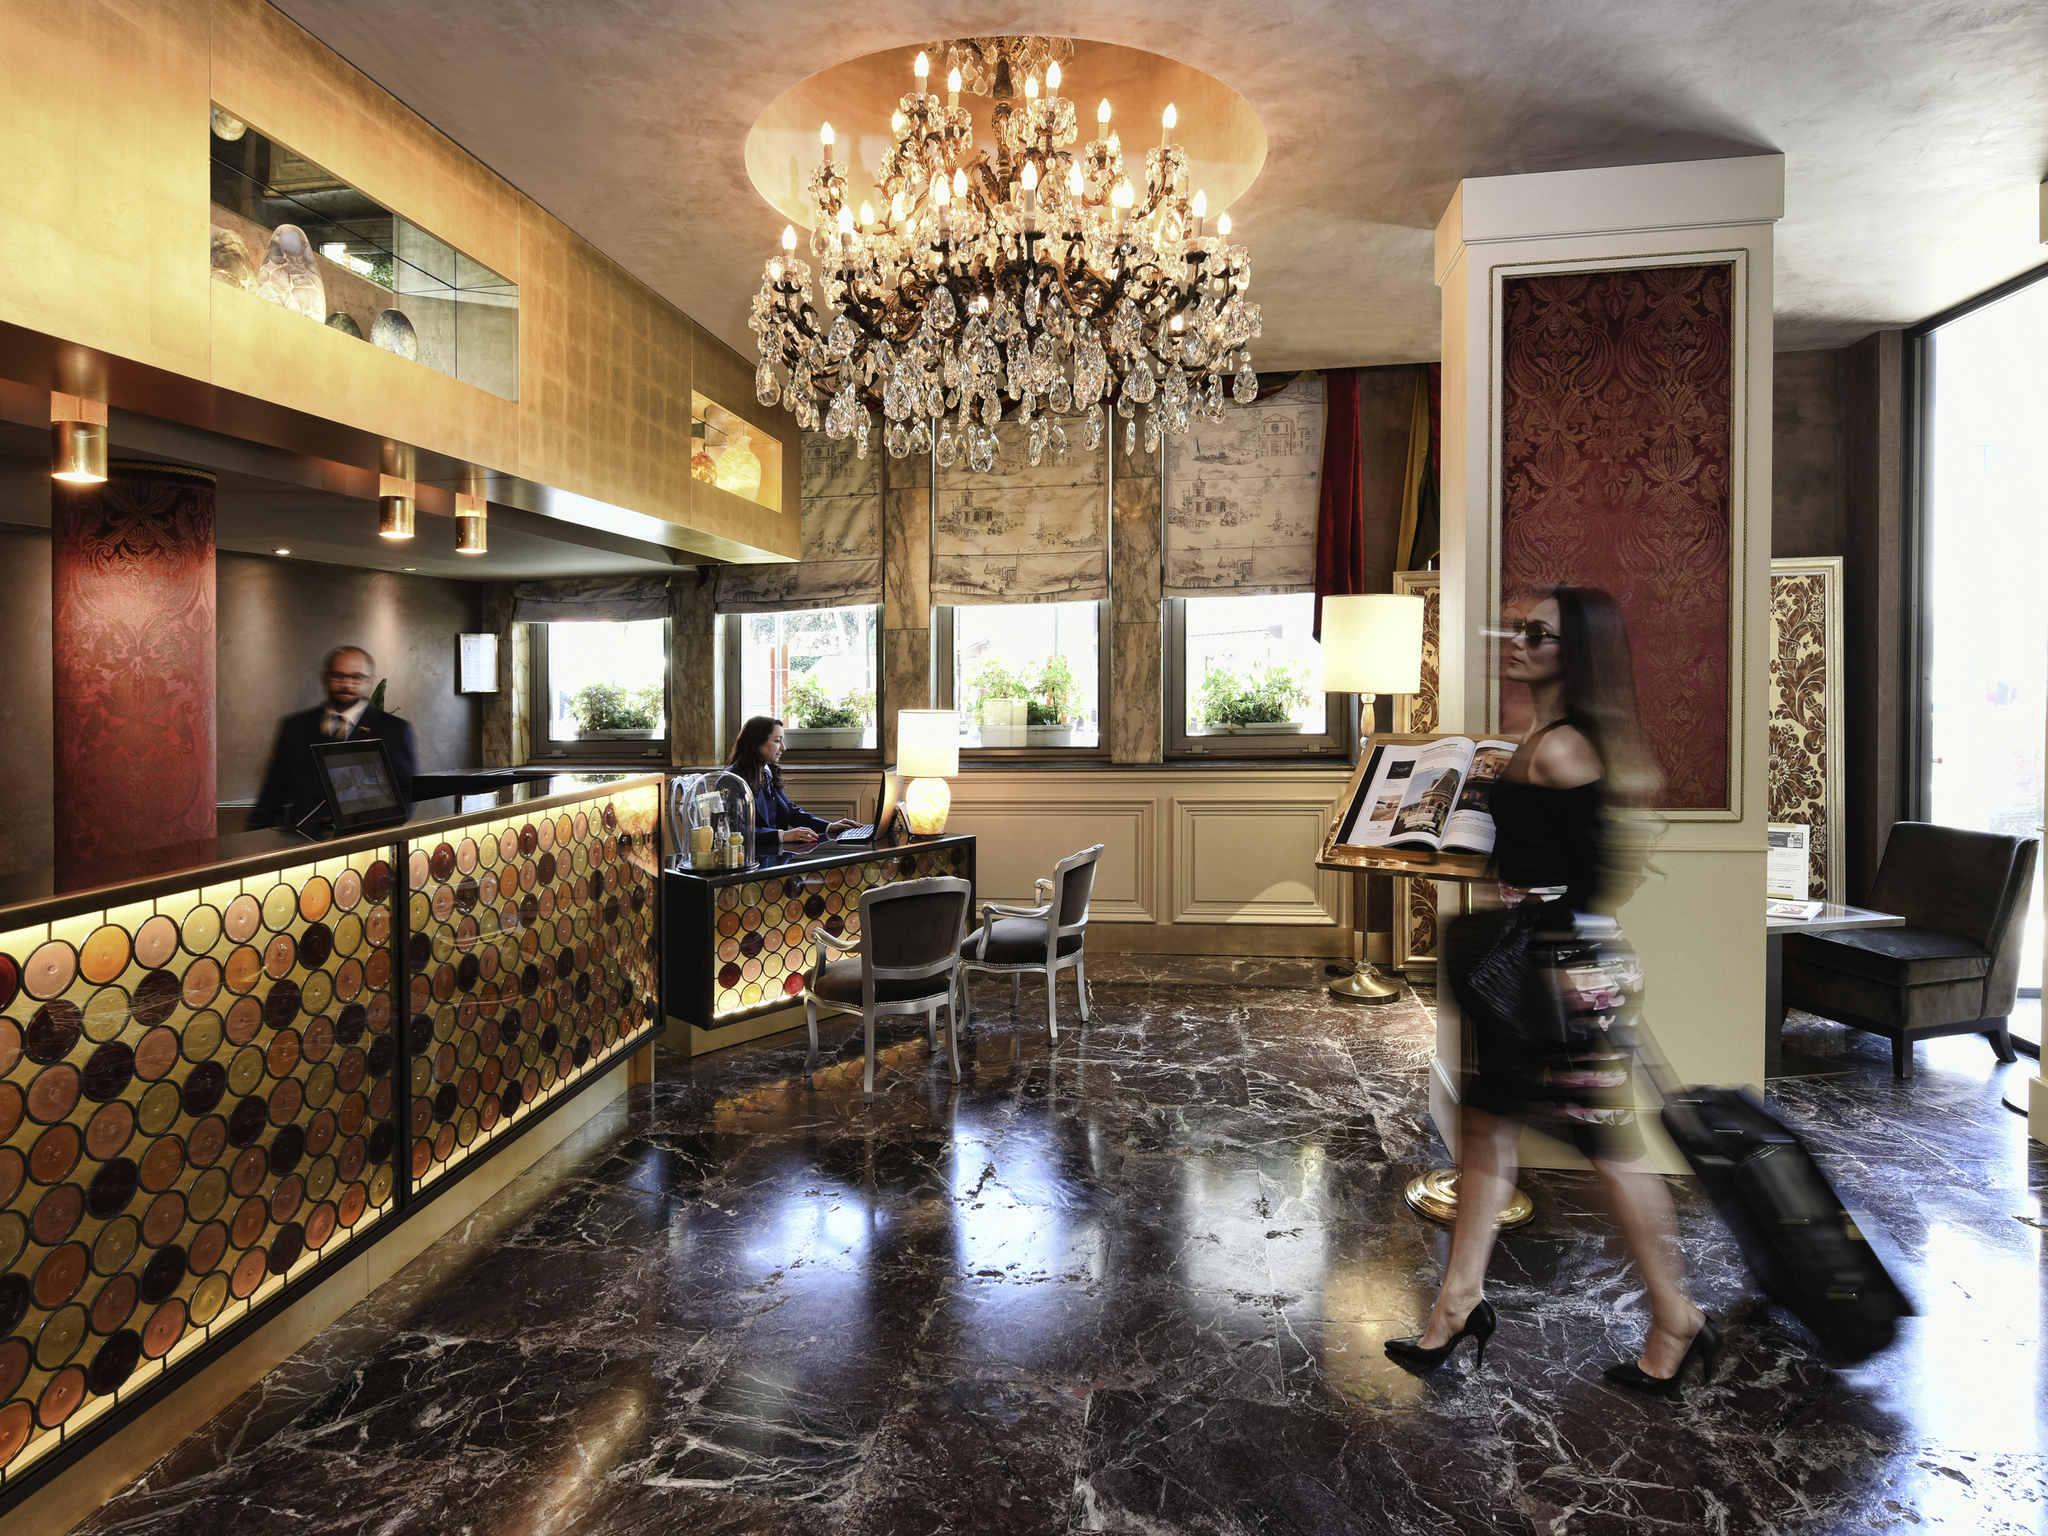 هتل پاپادوپولی ونیزیا امگالری بای سوفیتل ونیز